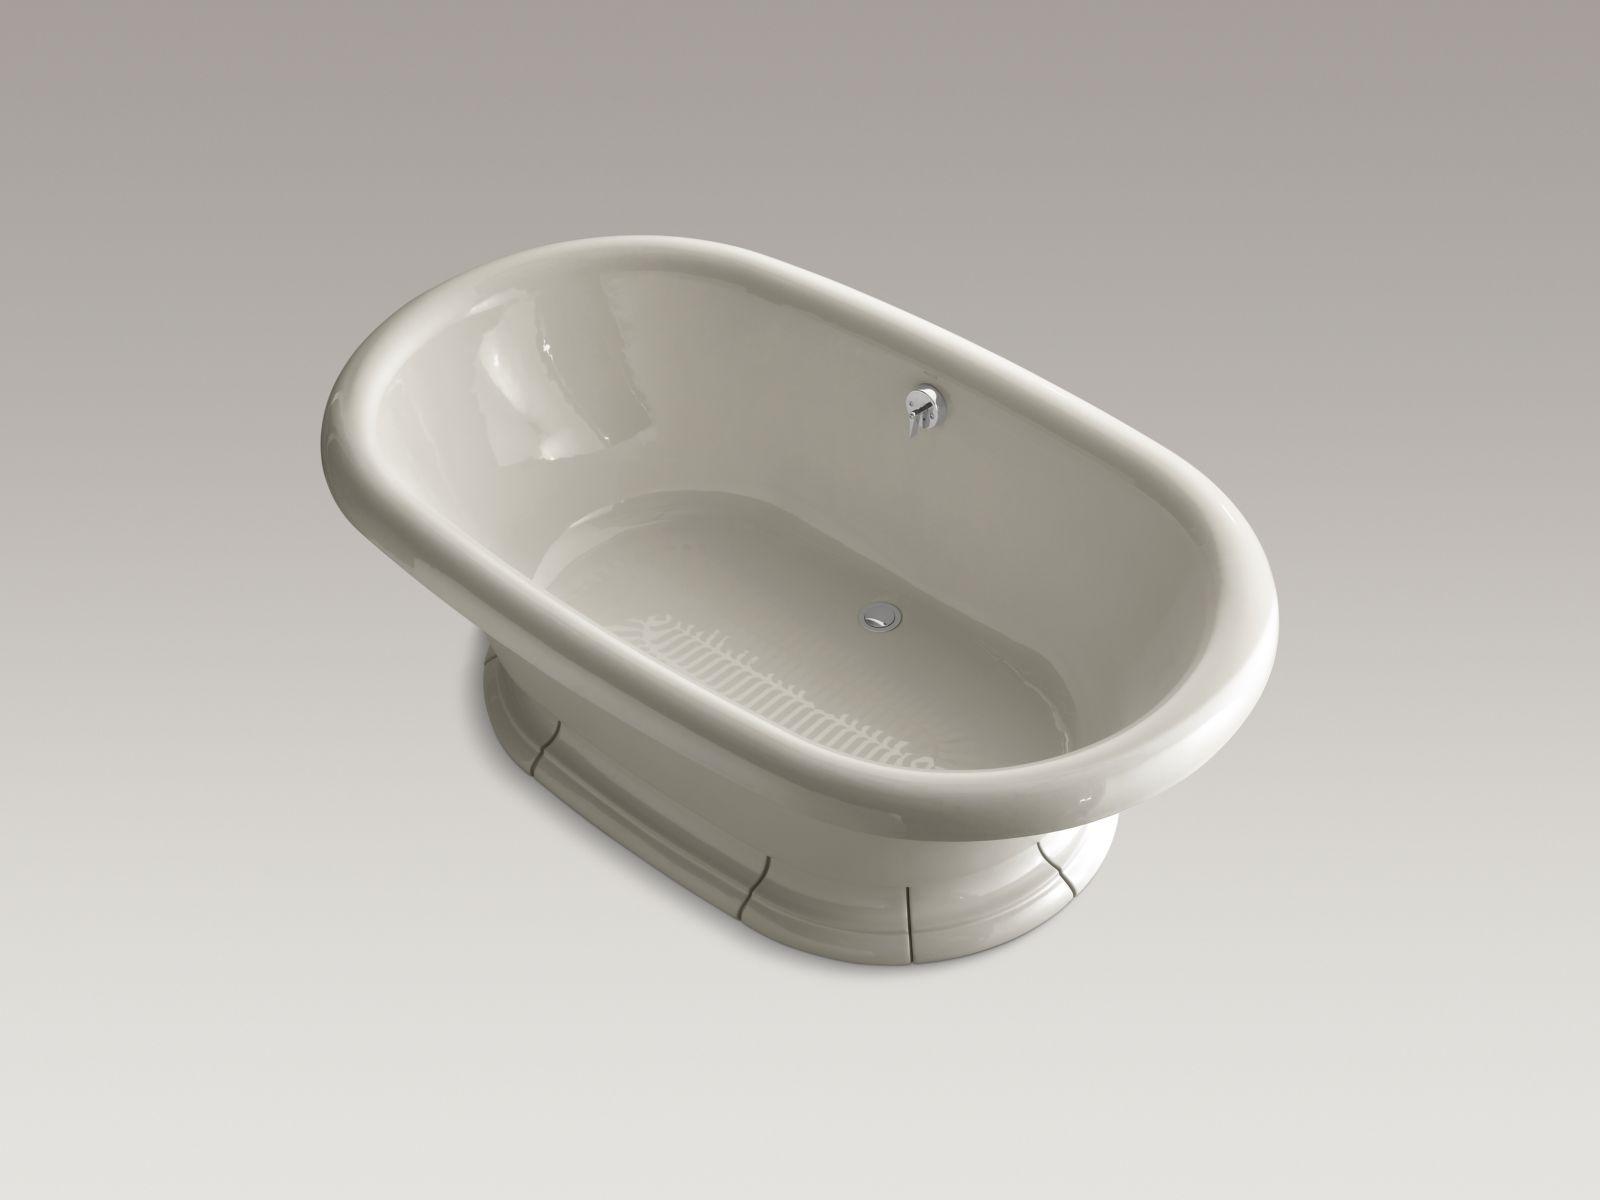 Kohler K-700-G9 Vintage Bath Sandbar